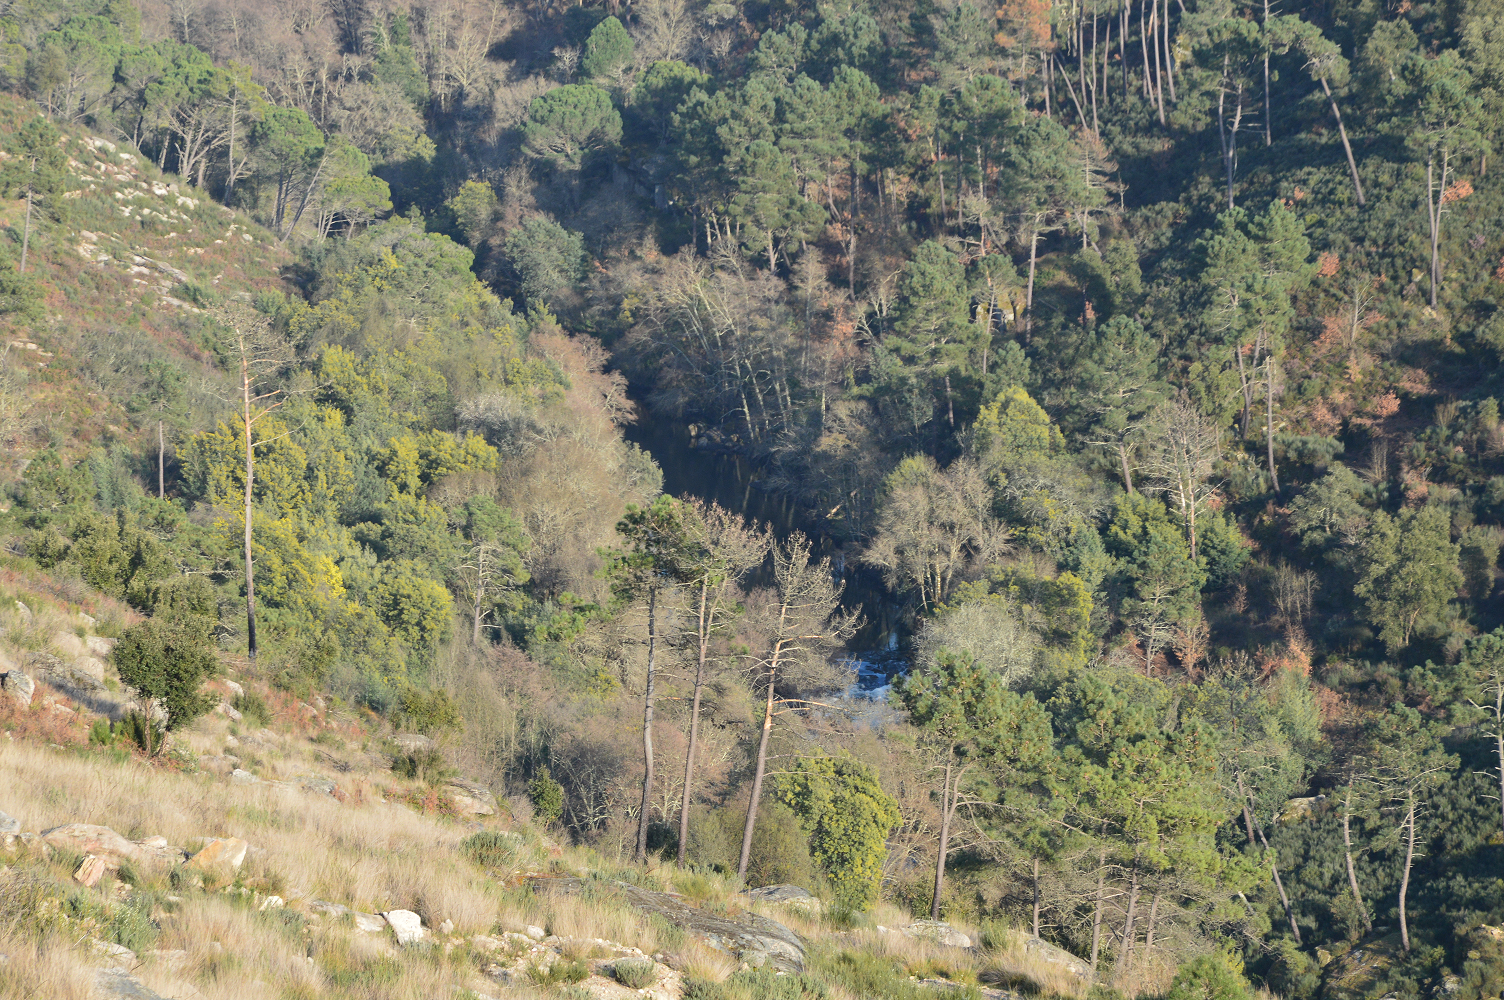 Plano Nacional de Barragens: Alvito e Girabolhos canceladas; Fridão suspensa